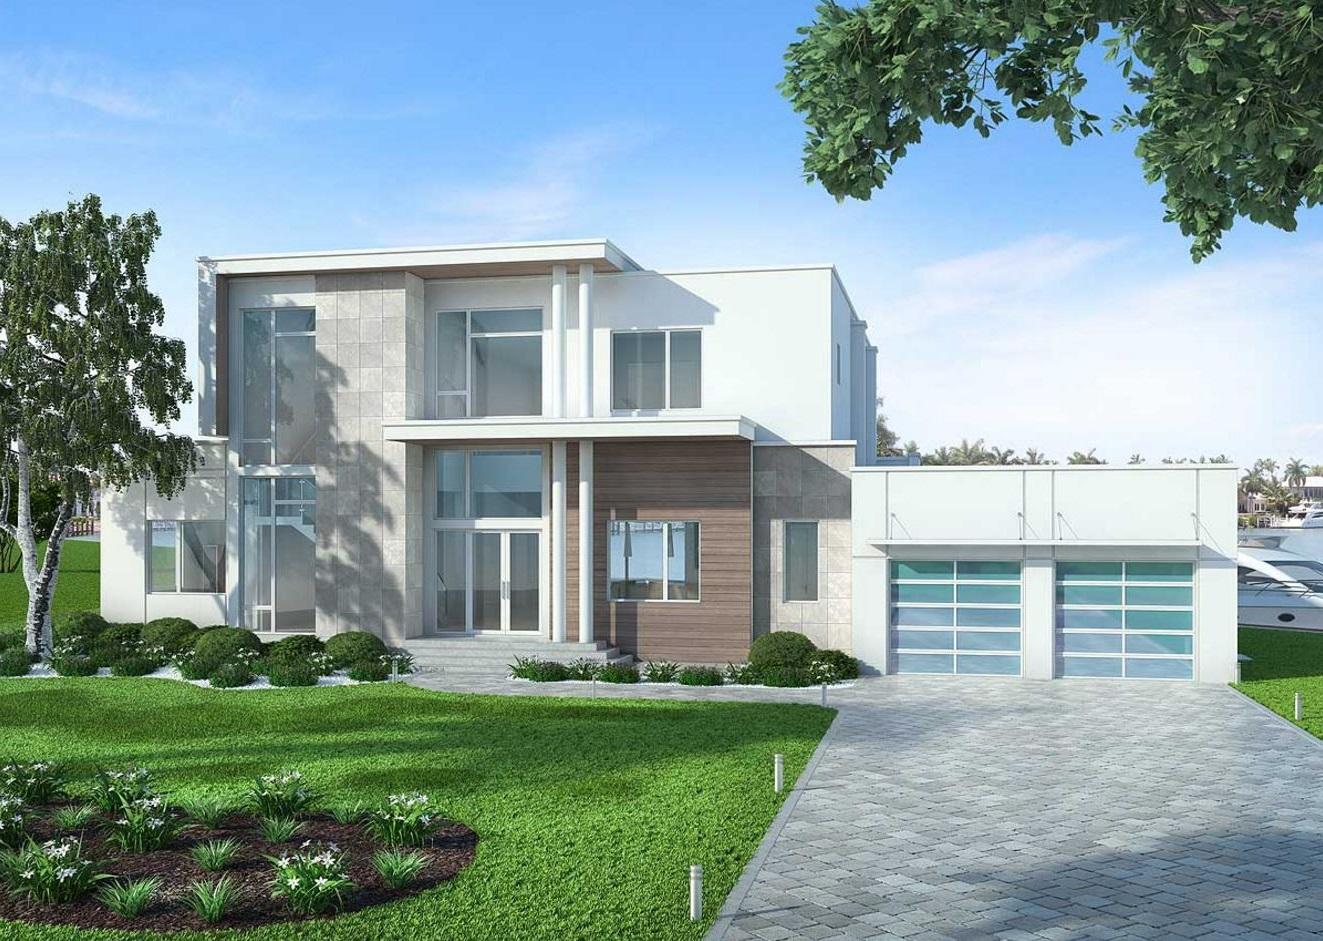 Ver fachadas de casas fachadas de casas estilos de for Techos planos modernos